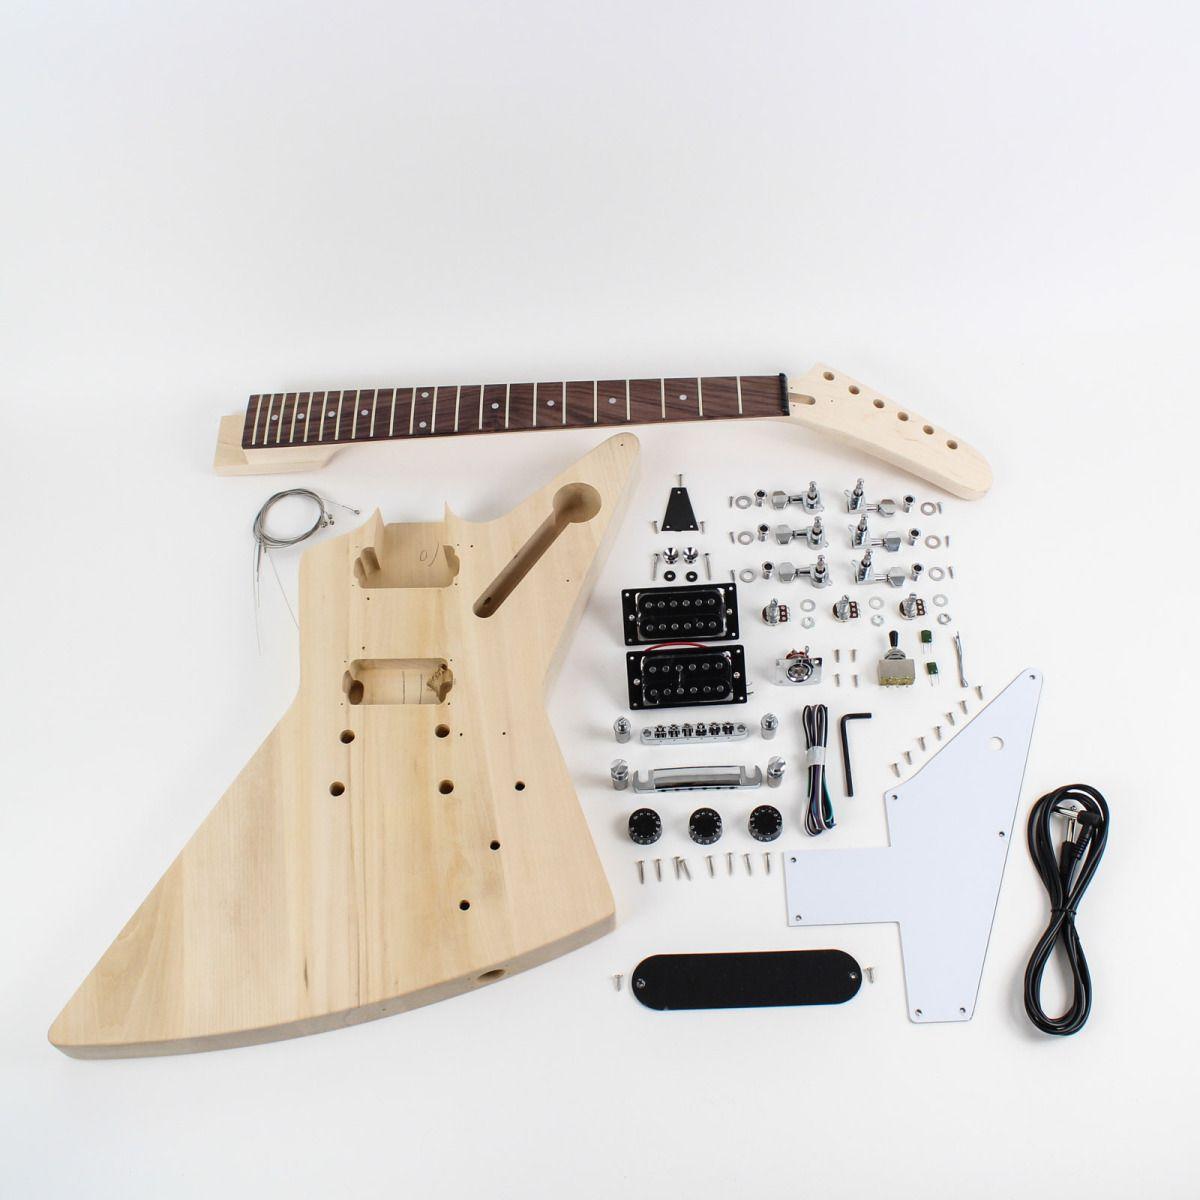 Gibson Explorer Diy Electric Guitar Kit 10 Guitar Kits Gibson Explorer Solar Energy Diy